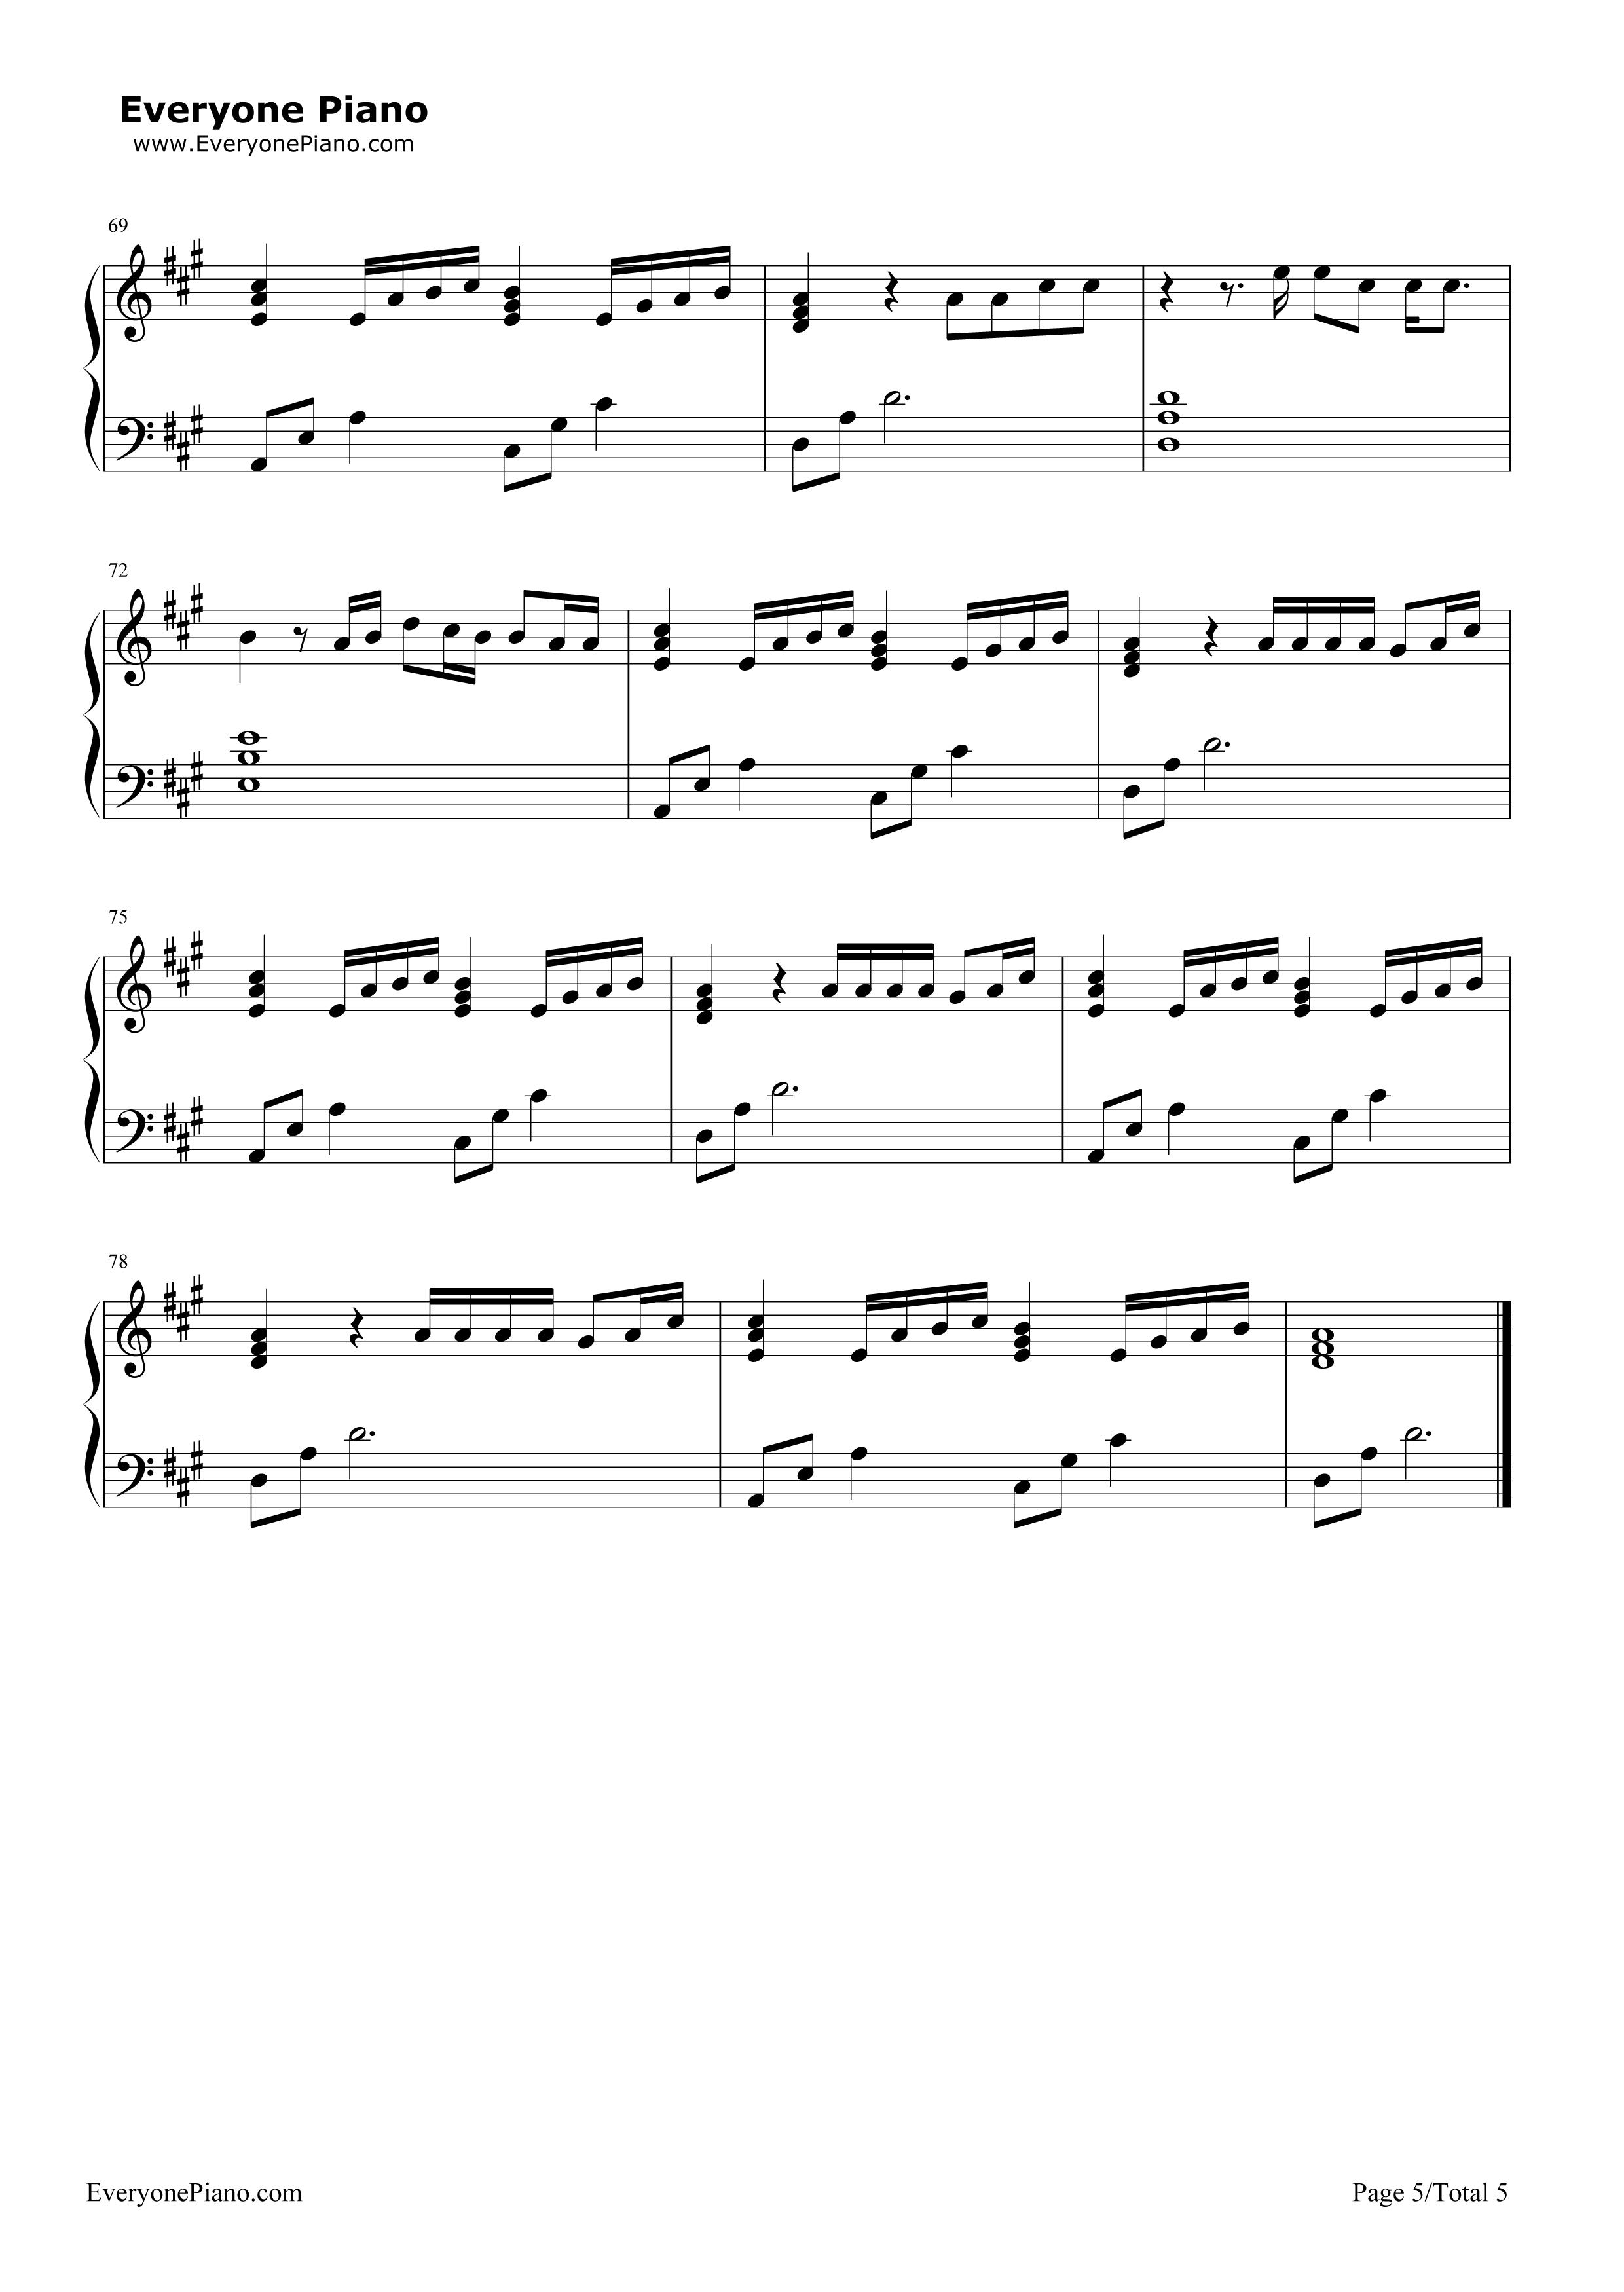 ed sheeran how would you feel music sheet free pdf